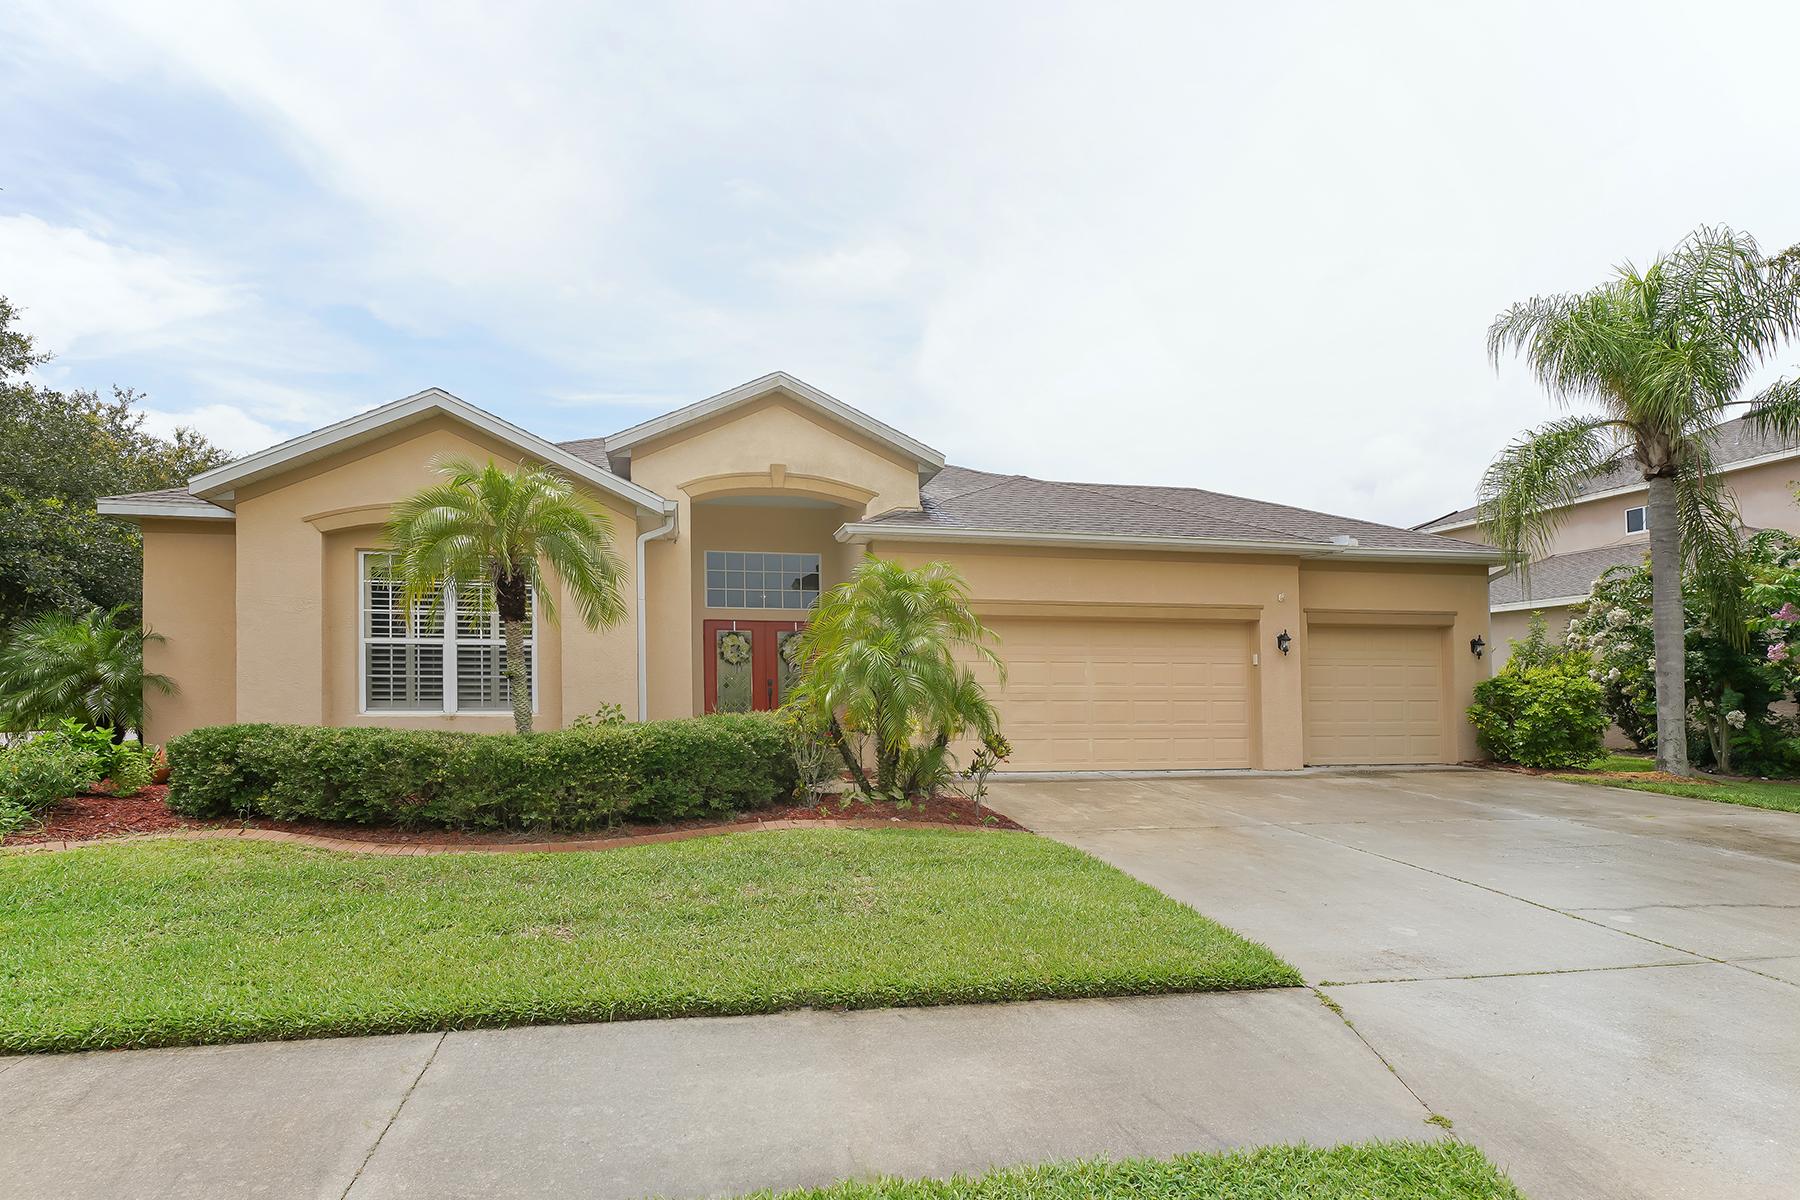 Single Family Homes für Verkauf beim KINGSFIELD LAKES 11524 Walden Loop, Parrish, Florida 34219 Vereinigte Staaten